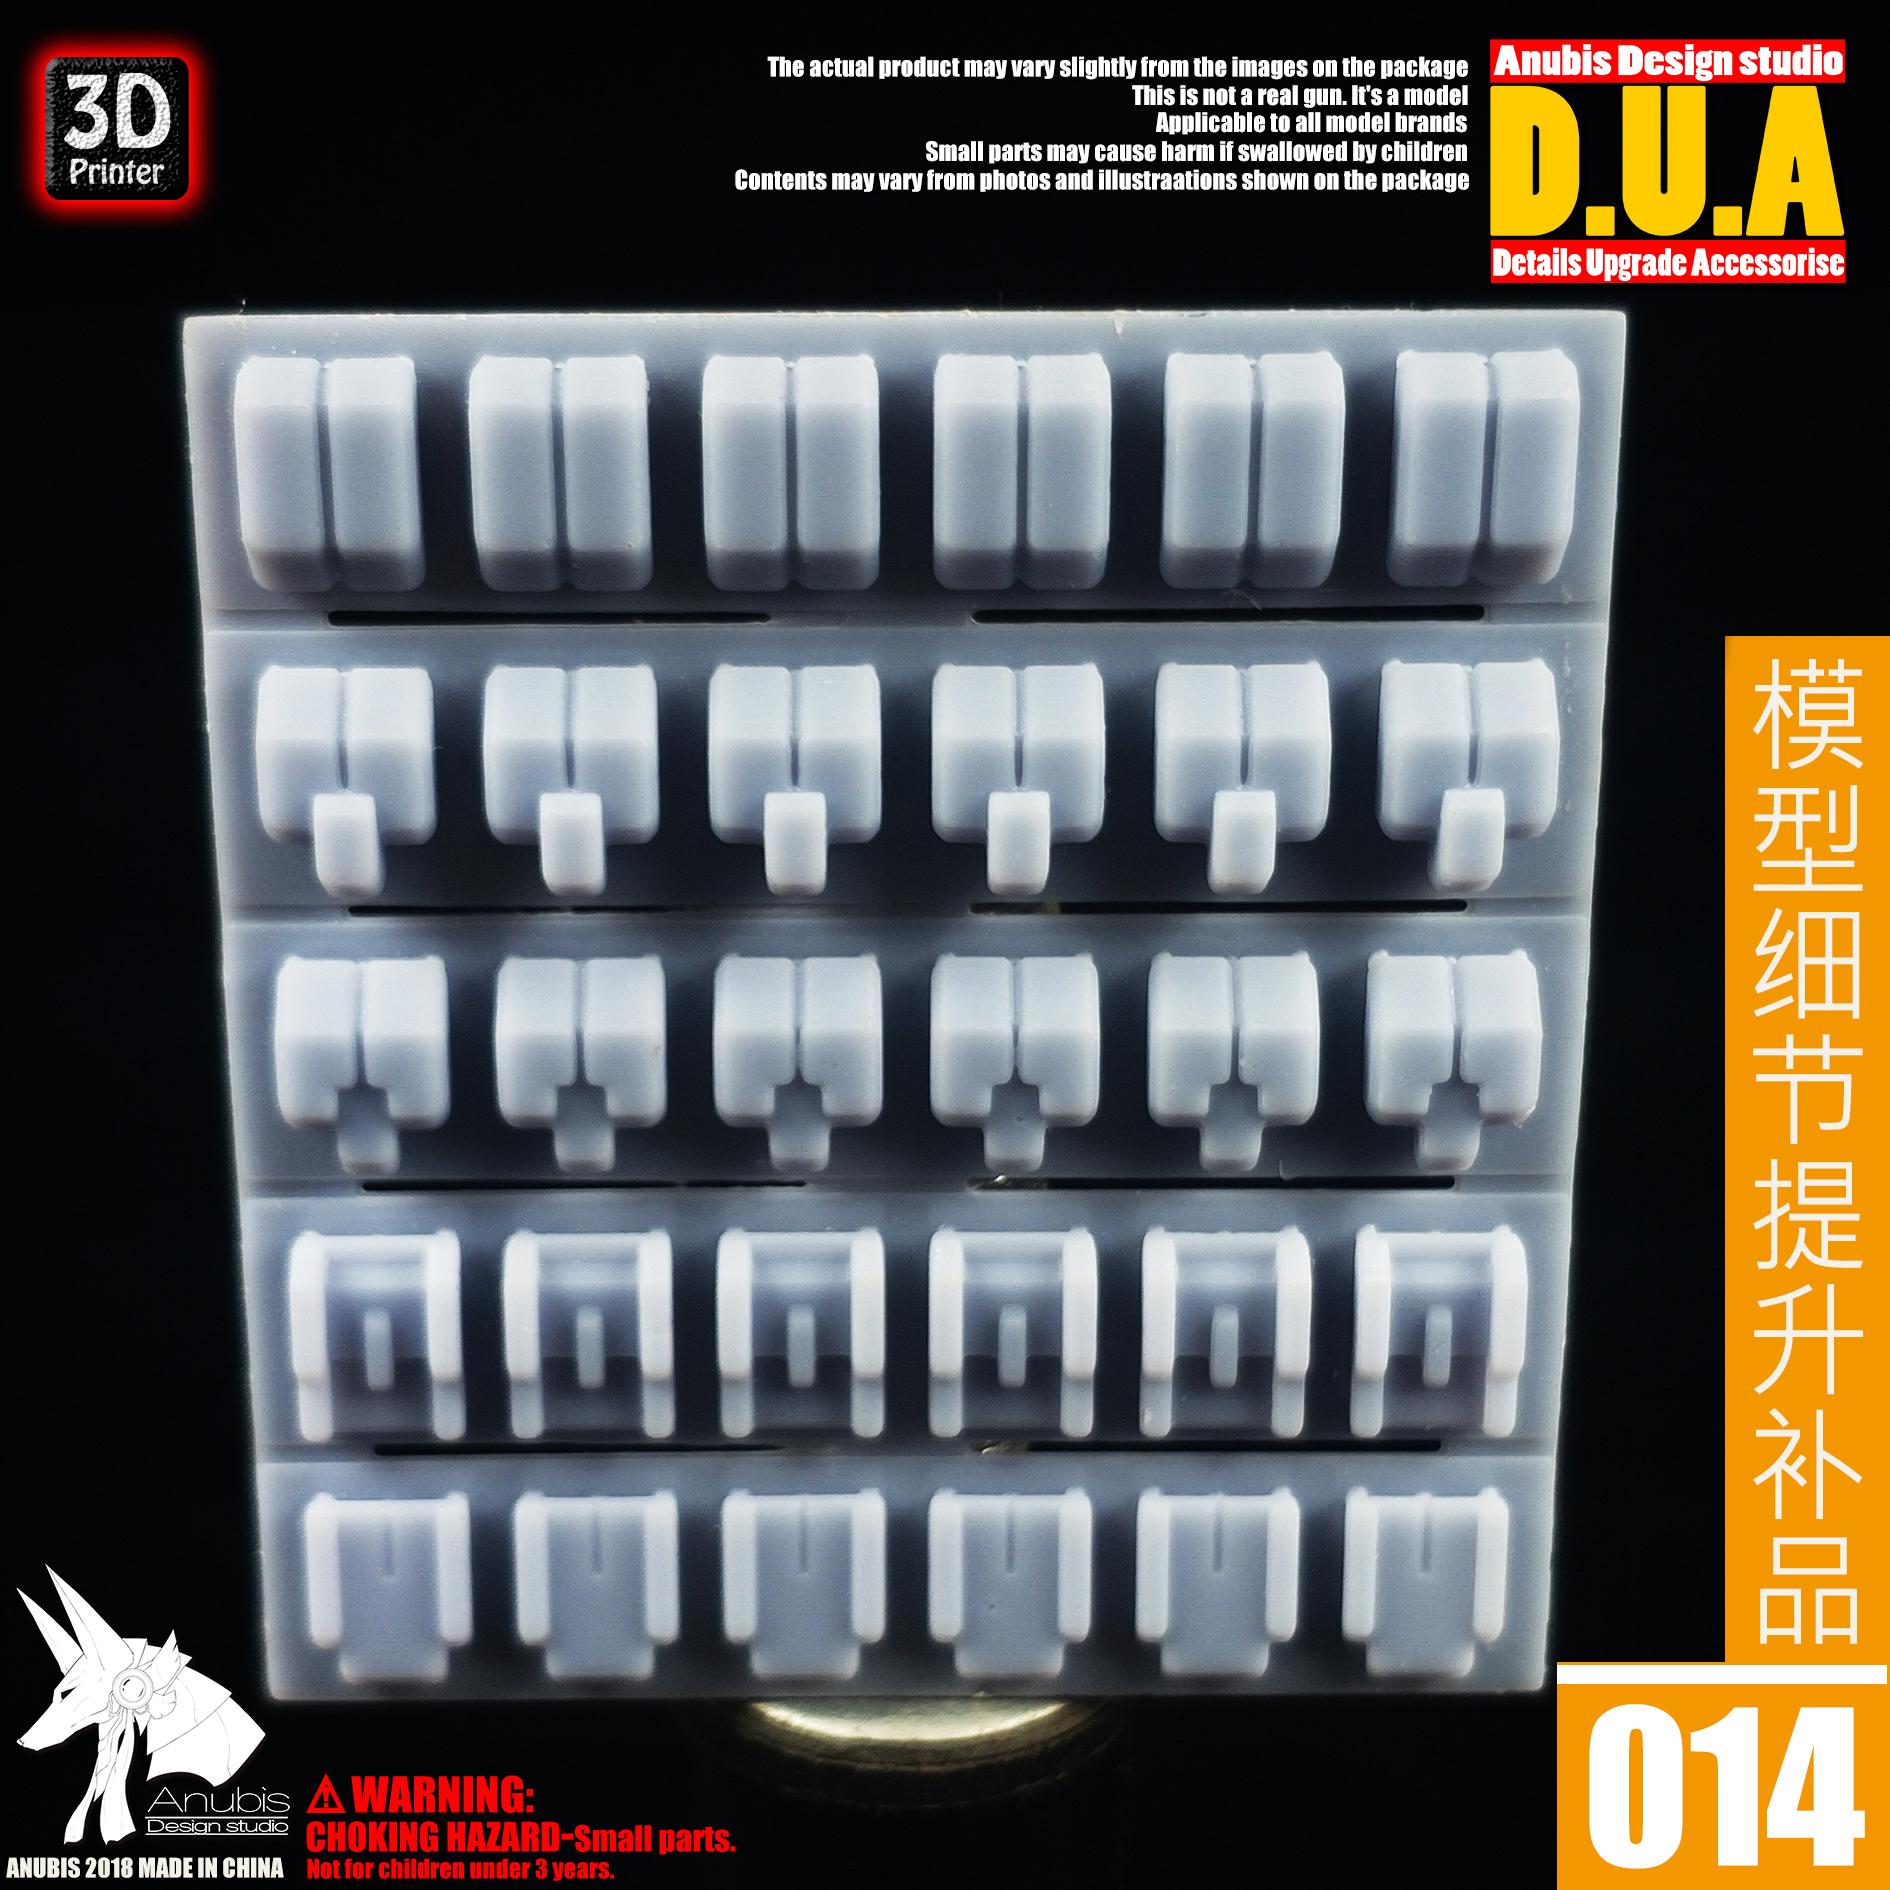 G413_DUA014_002.jpg